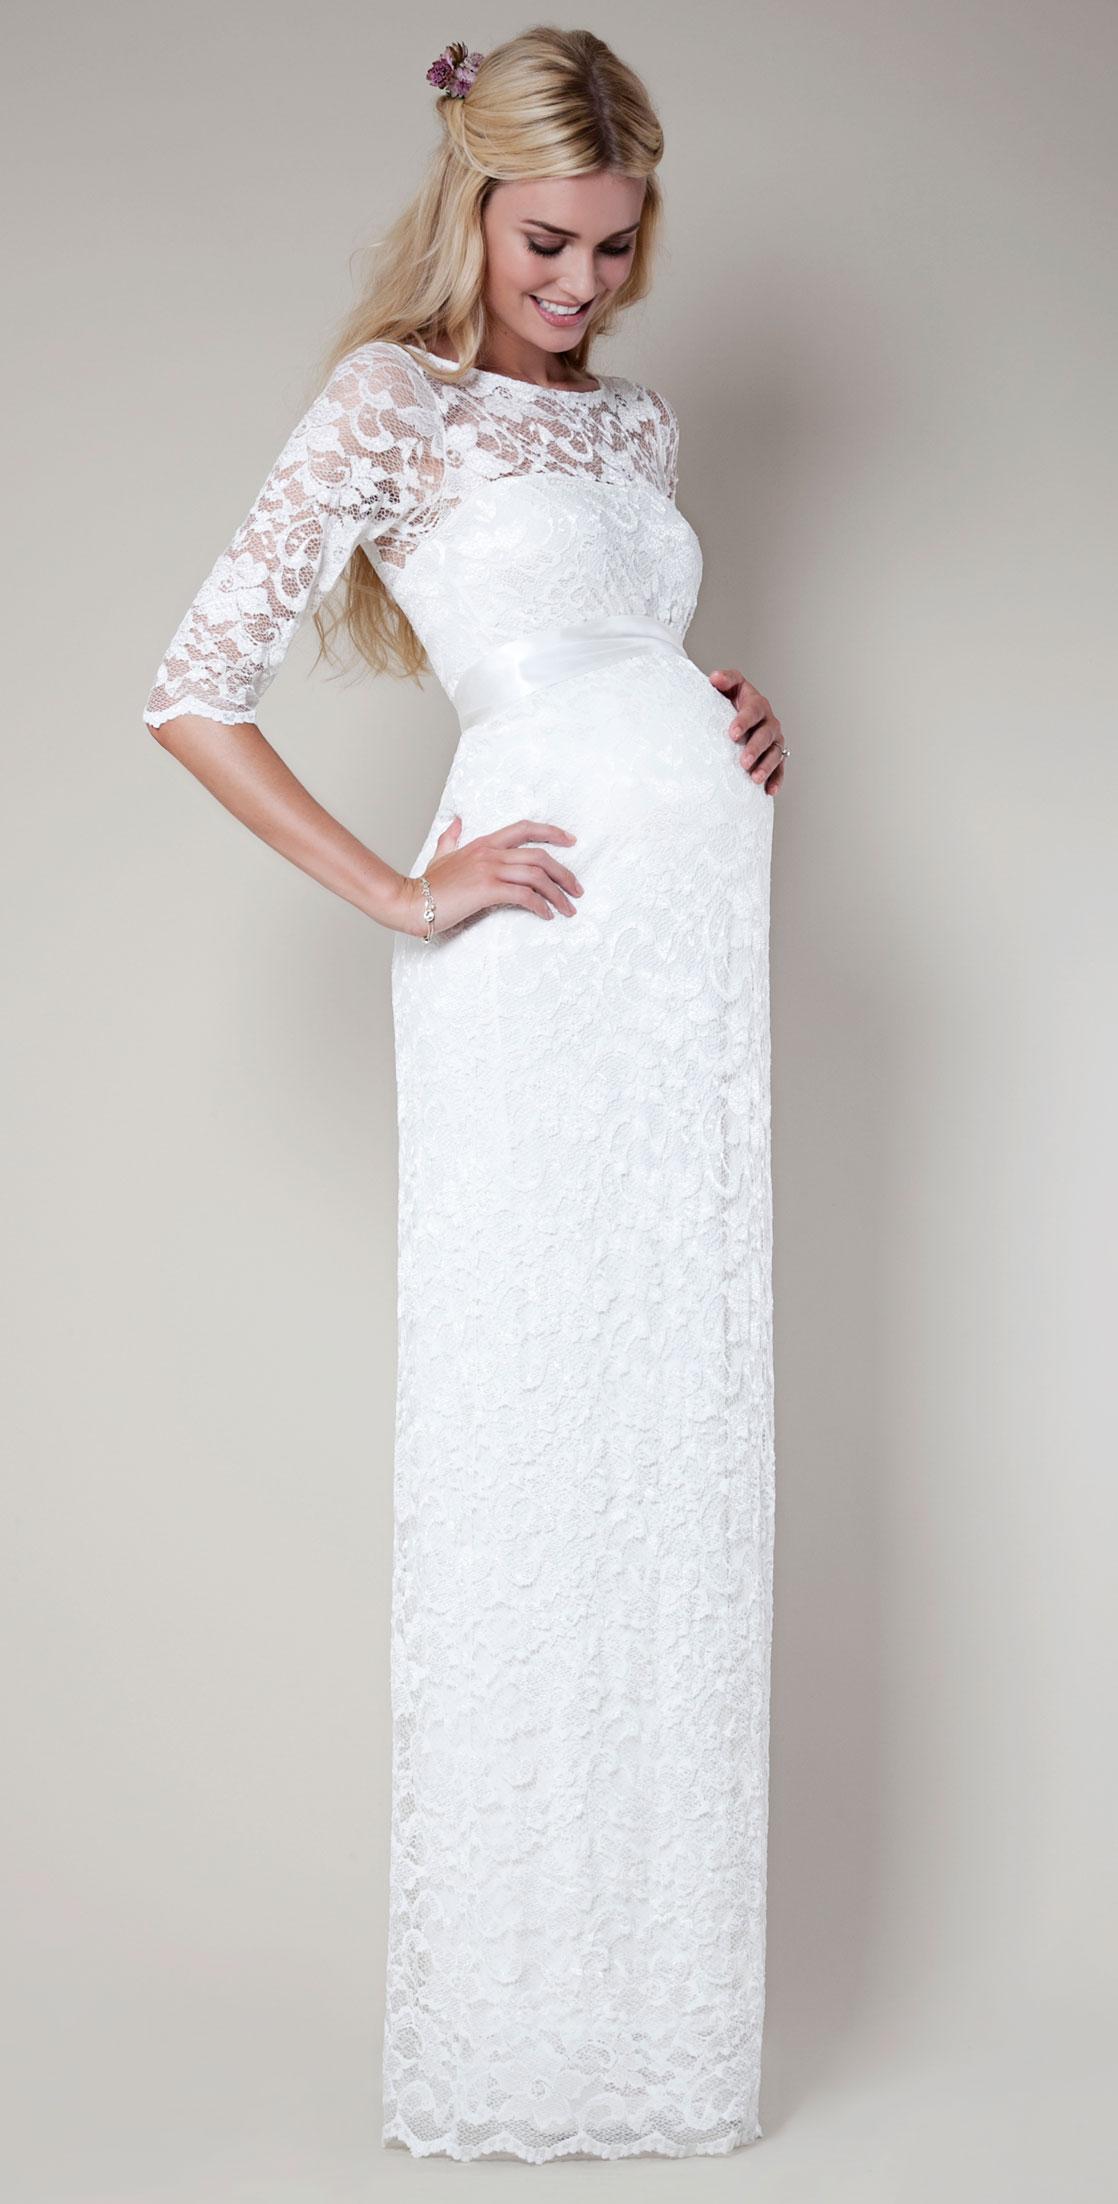 400100d644 Wspólne suknia ślubna Tiffany Rose koronkowa - Suknie ślubne dla kobiet w   NV-78